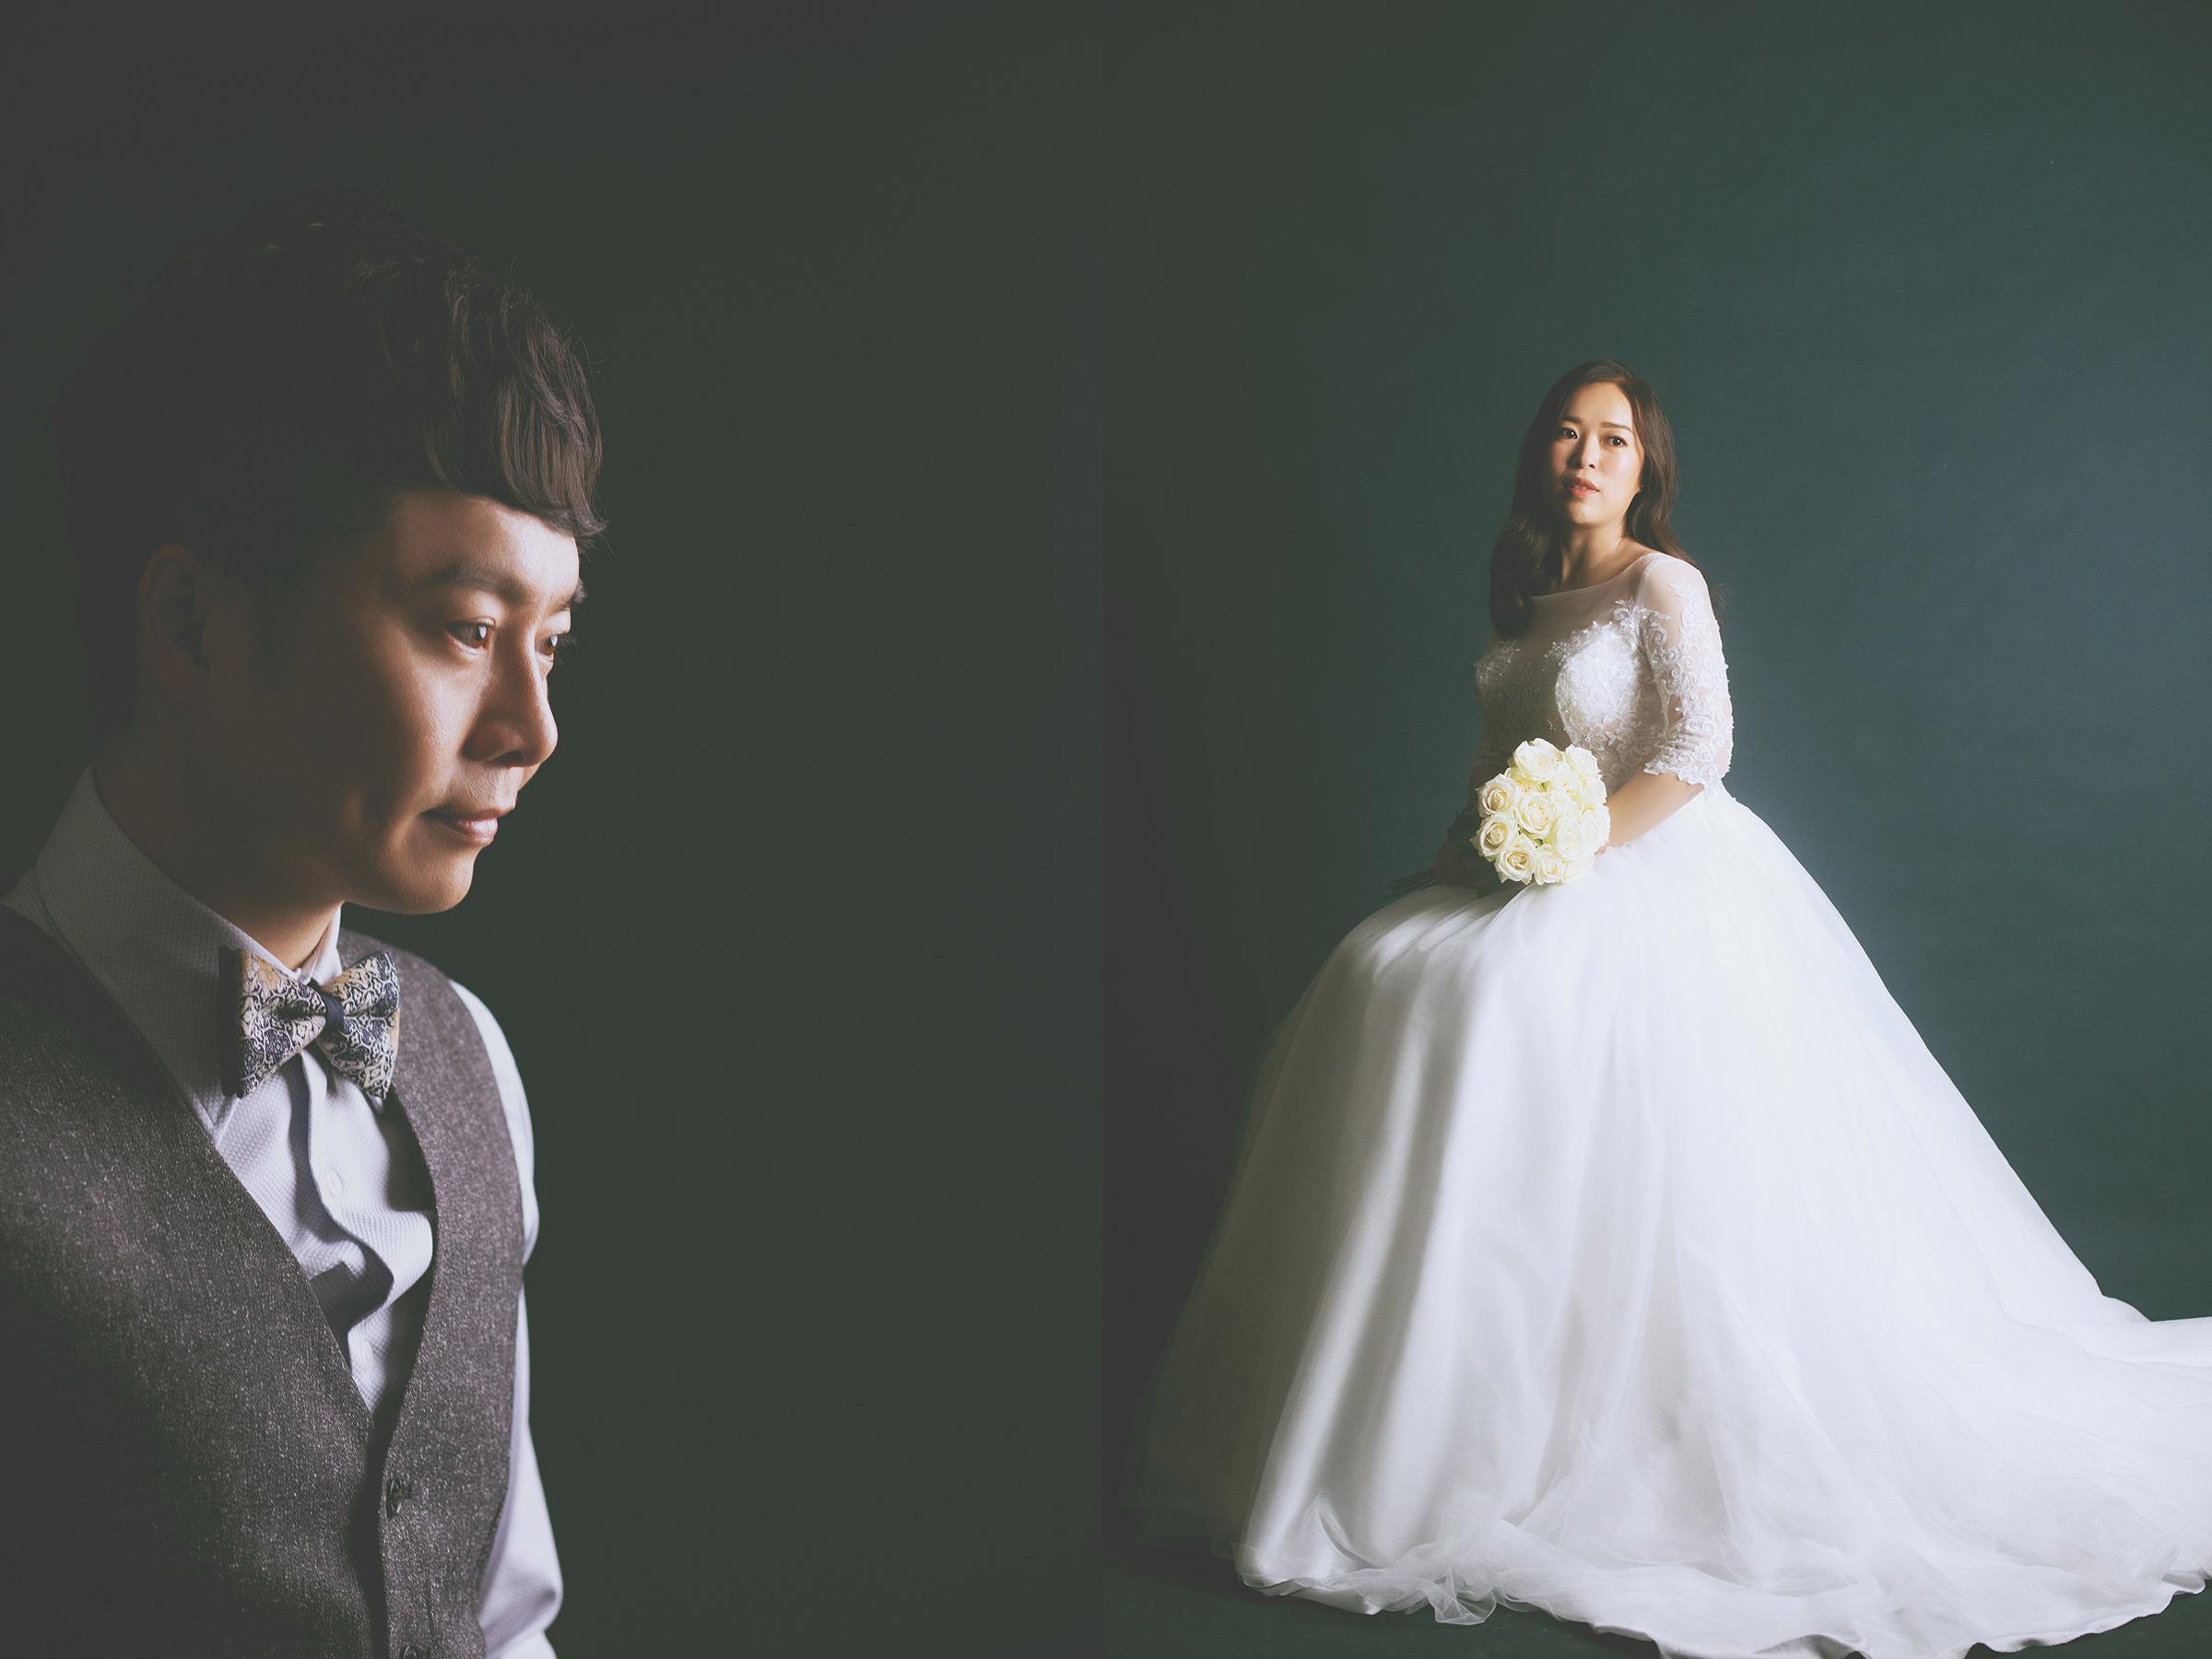 台南,自助婚紗,便服婚紗,自然風格,生活風格,居家風格,底片風格,電影風格,純棚拍,台北婚紗攝影師推薦,情感,溫度